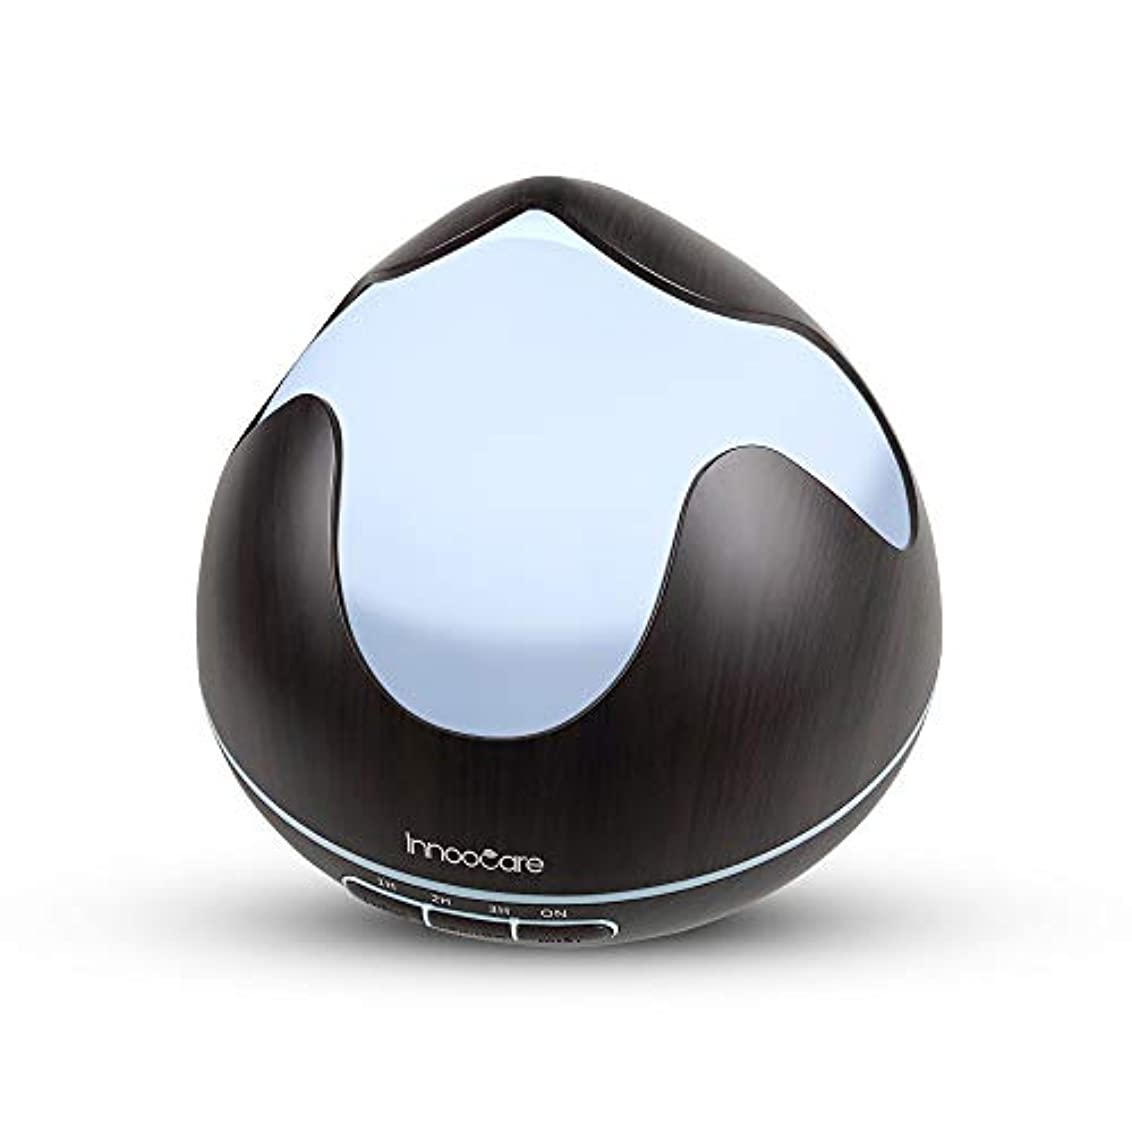 固執お酢トランクライブラリ400ミリリットル超音波クールミストアロマ加湿器、アロマセラピーエッセンシャルオイルディフューザー付き7色変更LEDライト、調節可能,Deepgrain